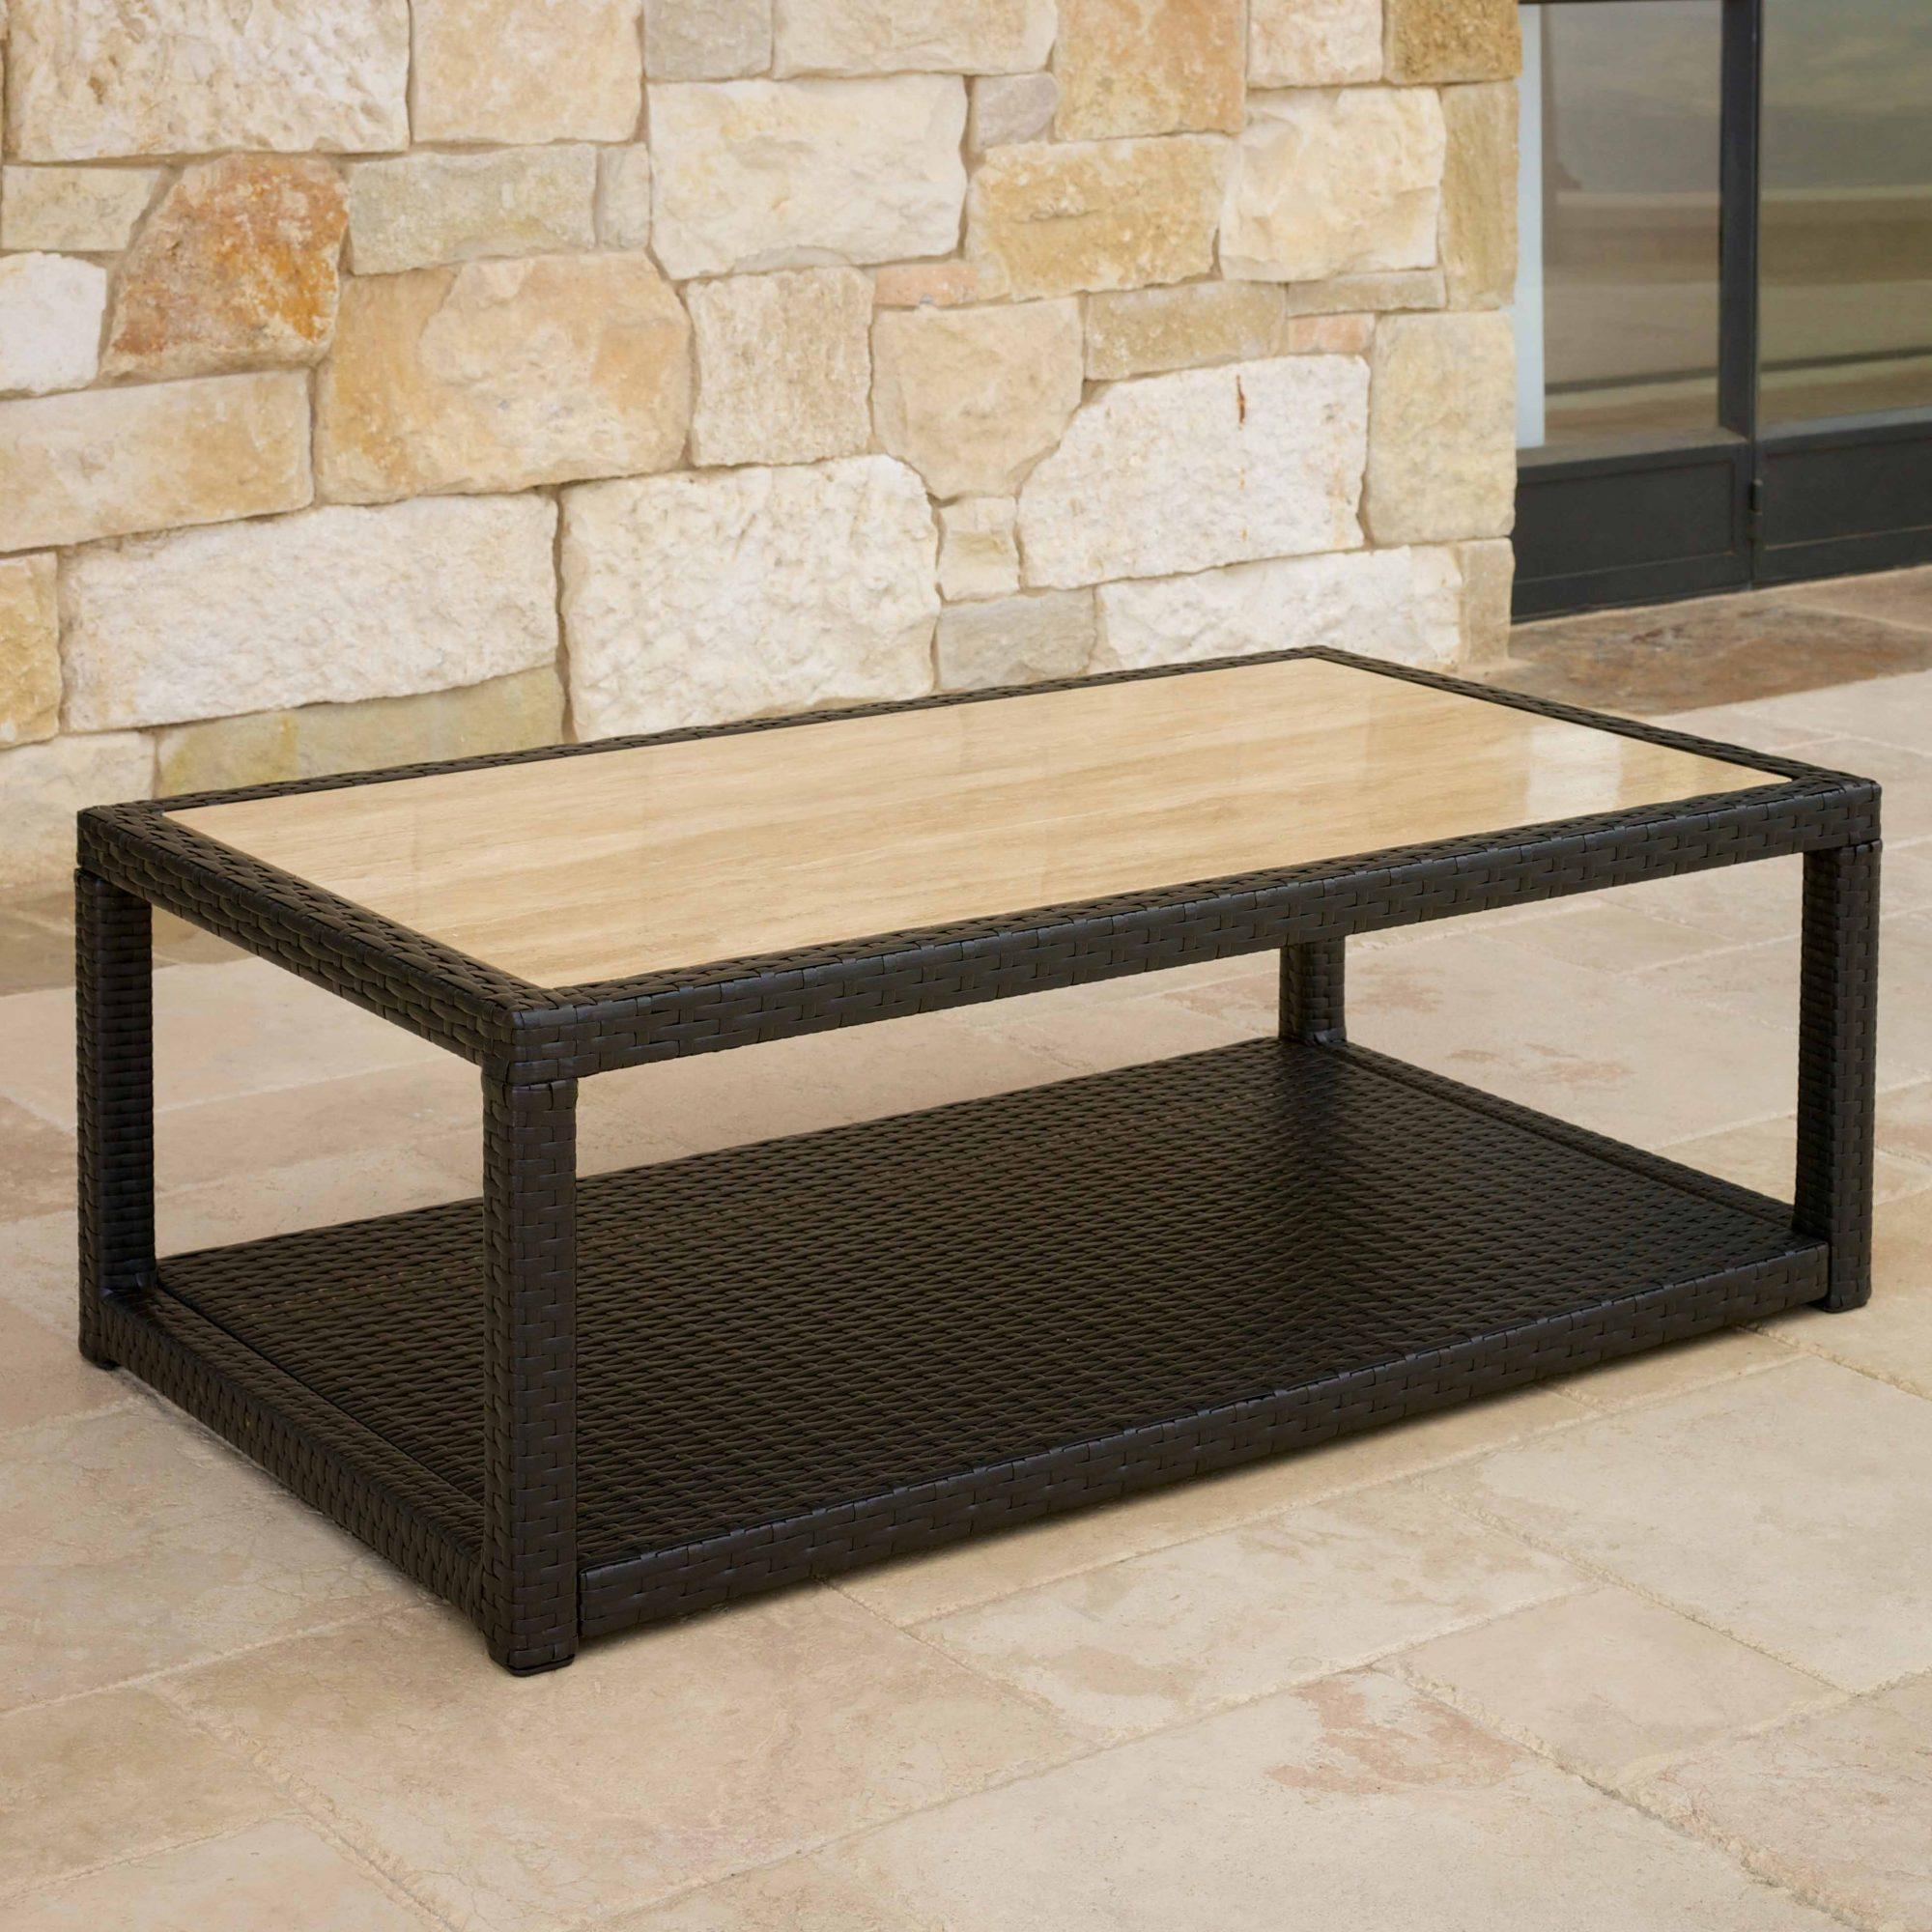 Portofino™ Comfort 26x46 Stone Top Coffee Table - Heather Beige